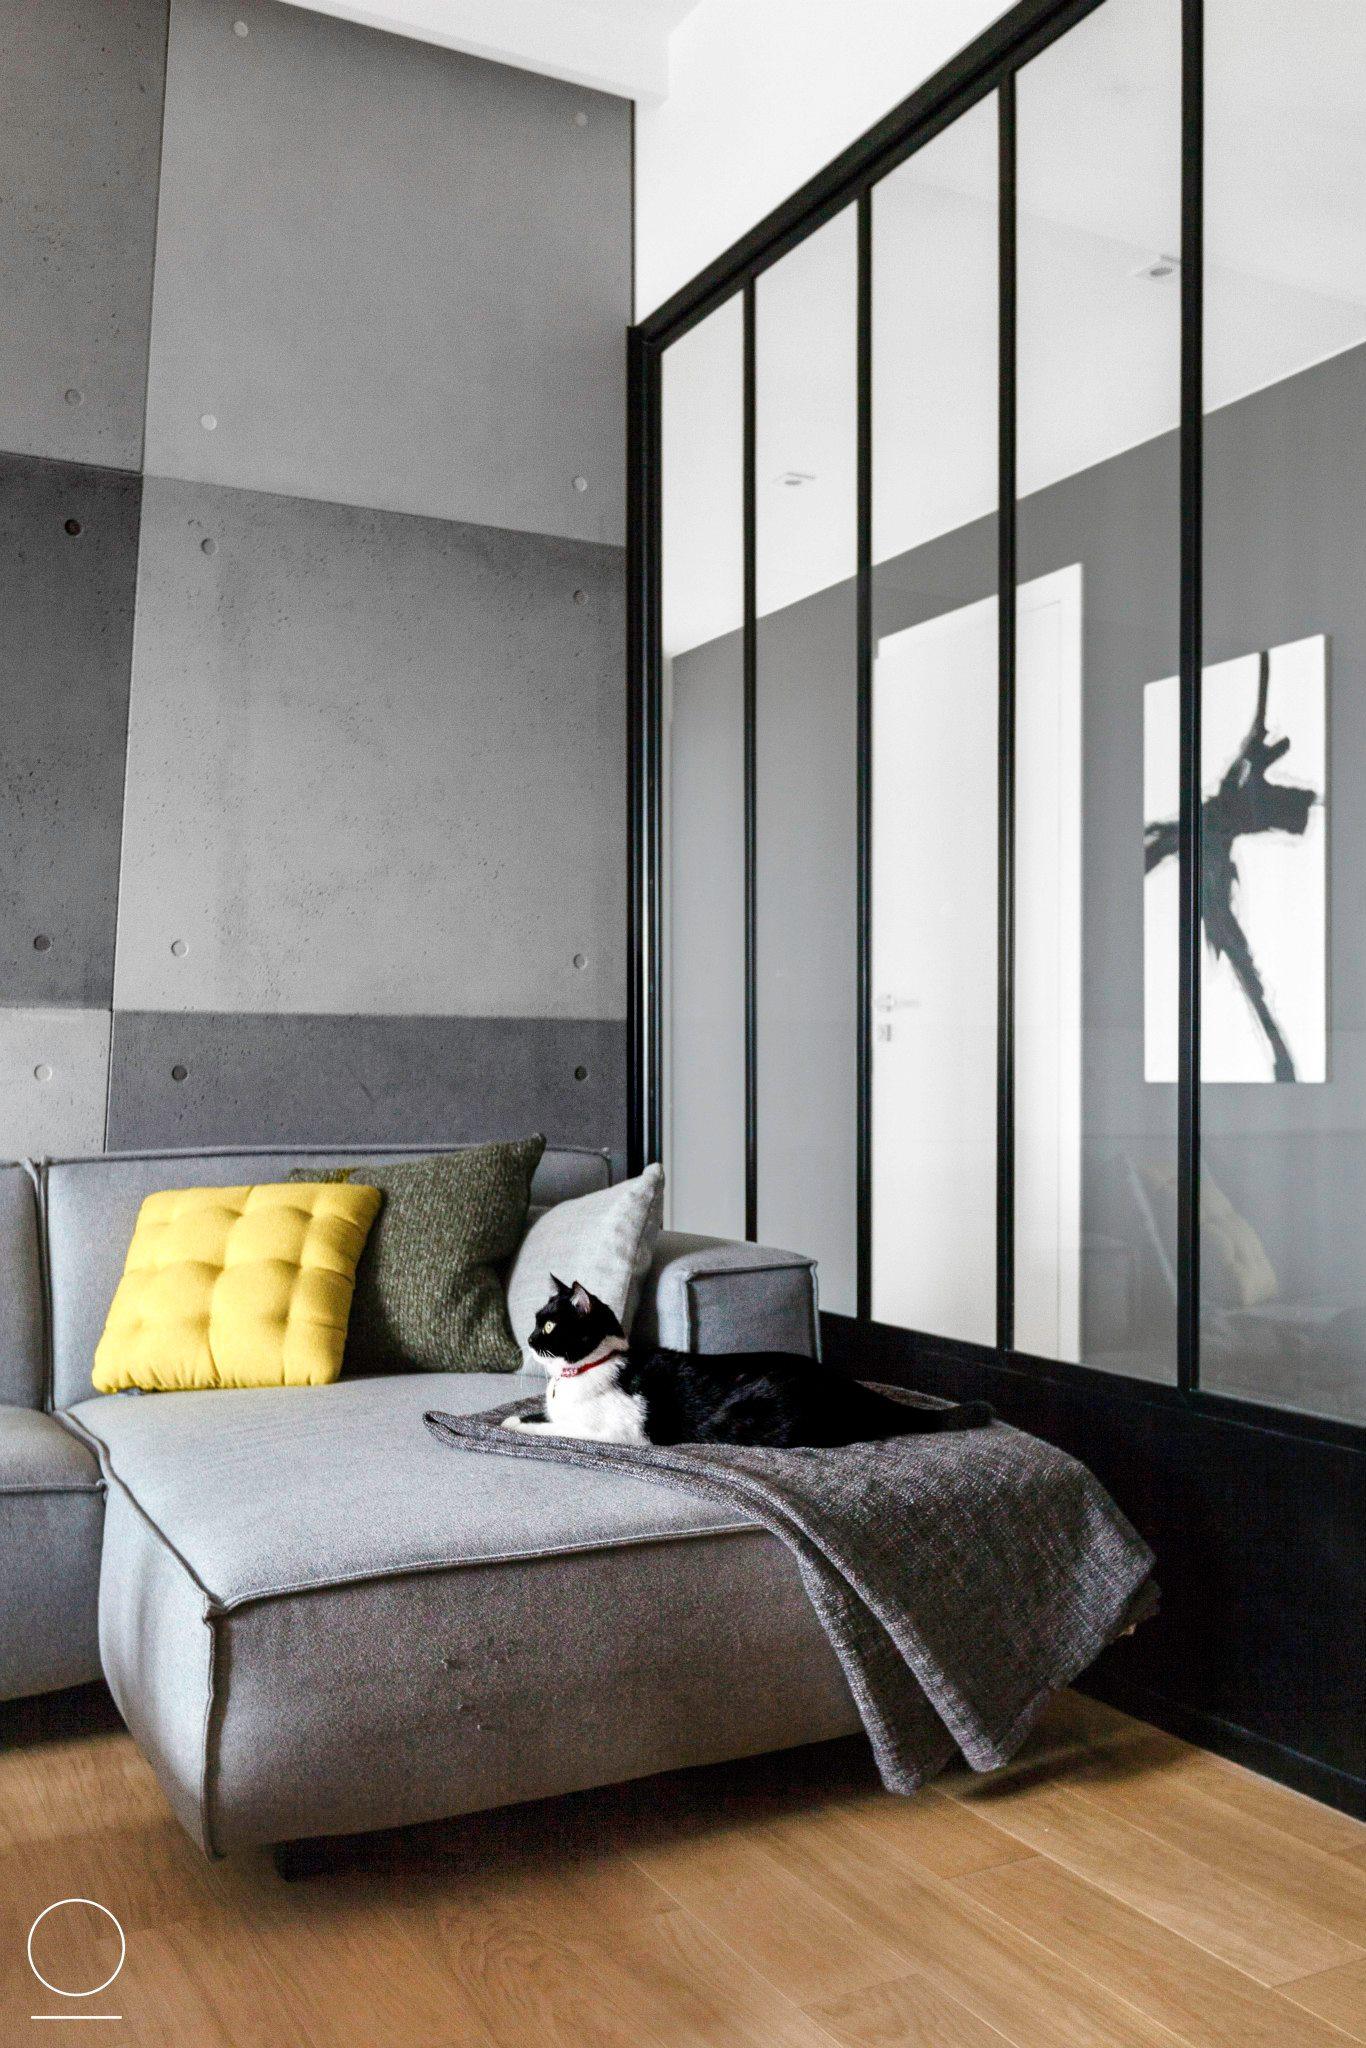 oikoi modern apartment6 Pokorna Apartments by Oikoi Studio